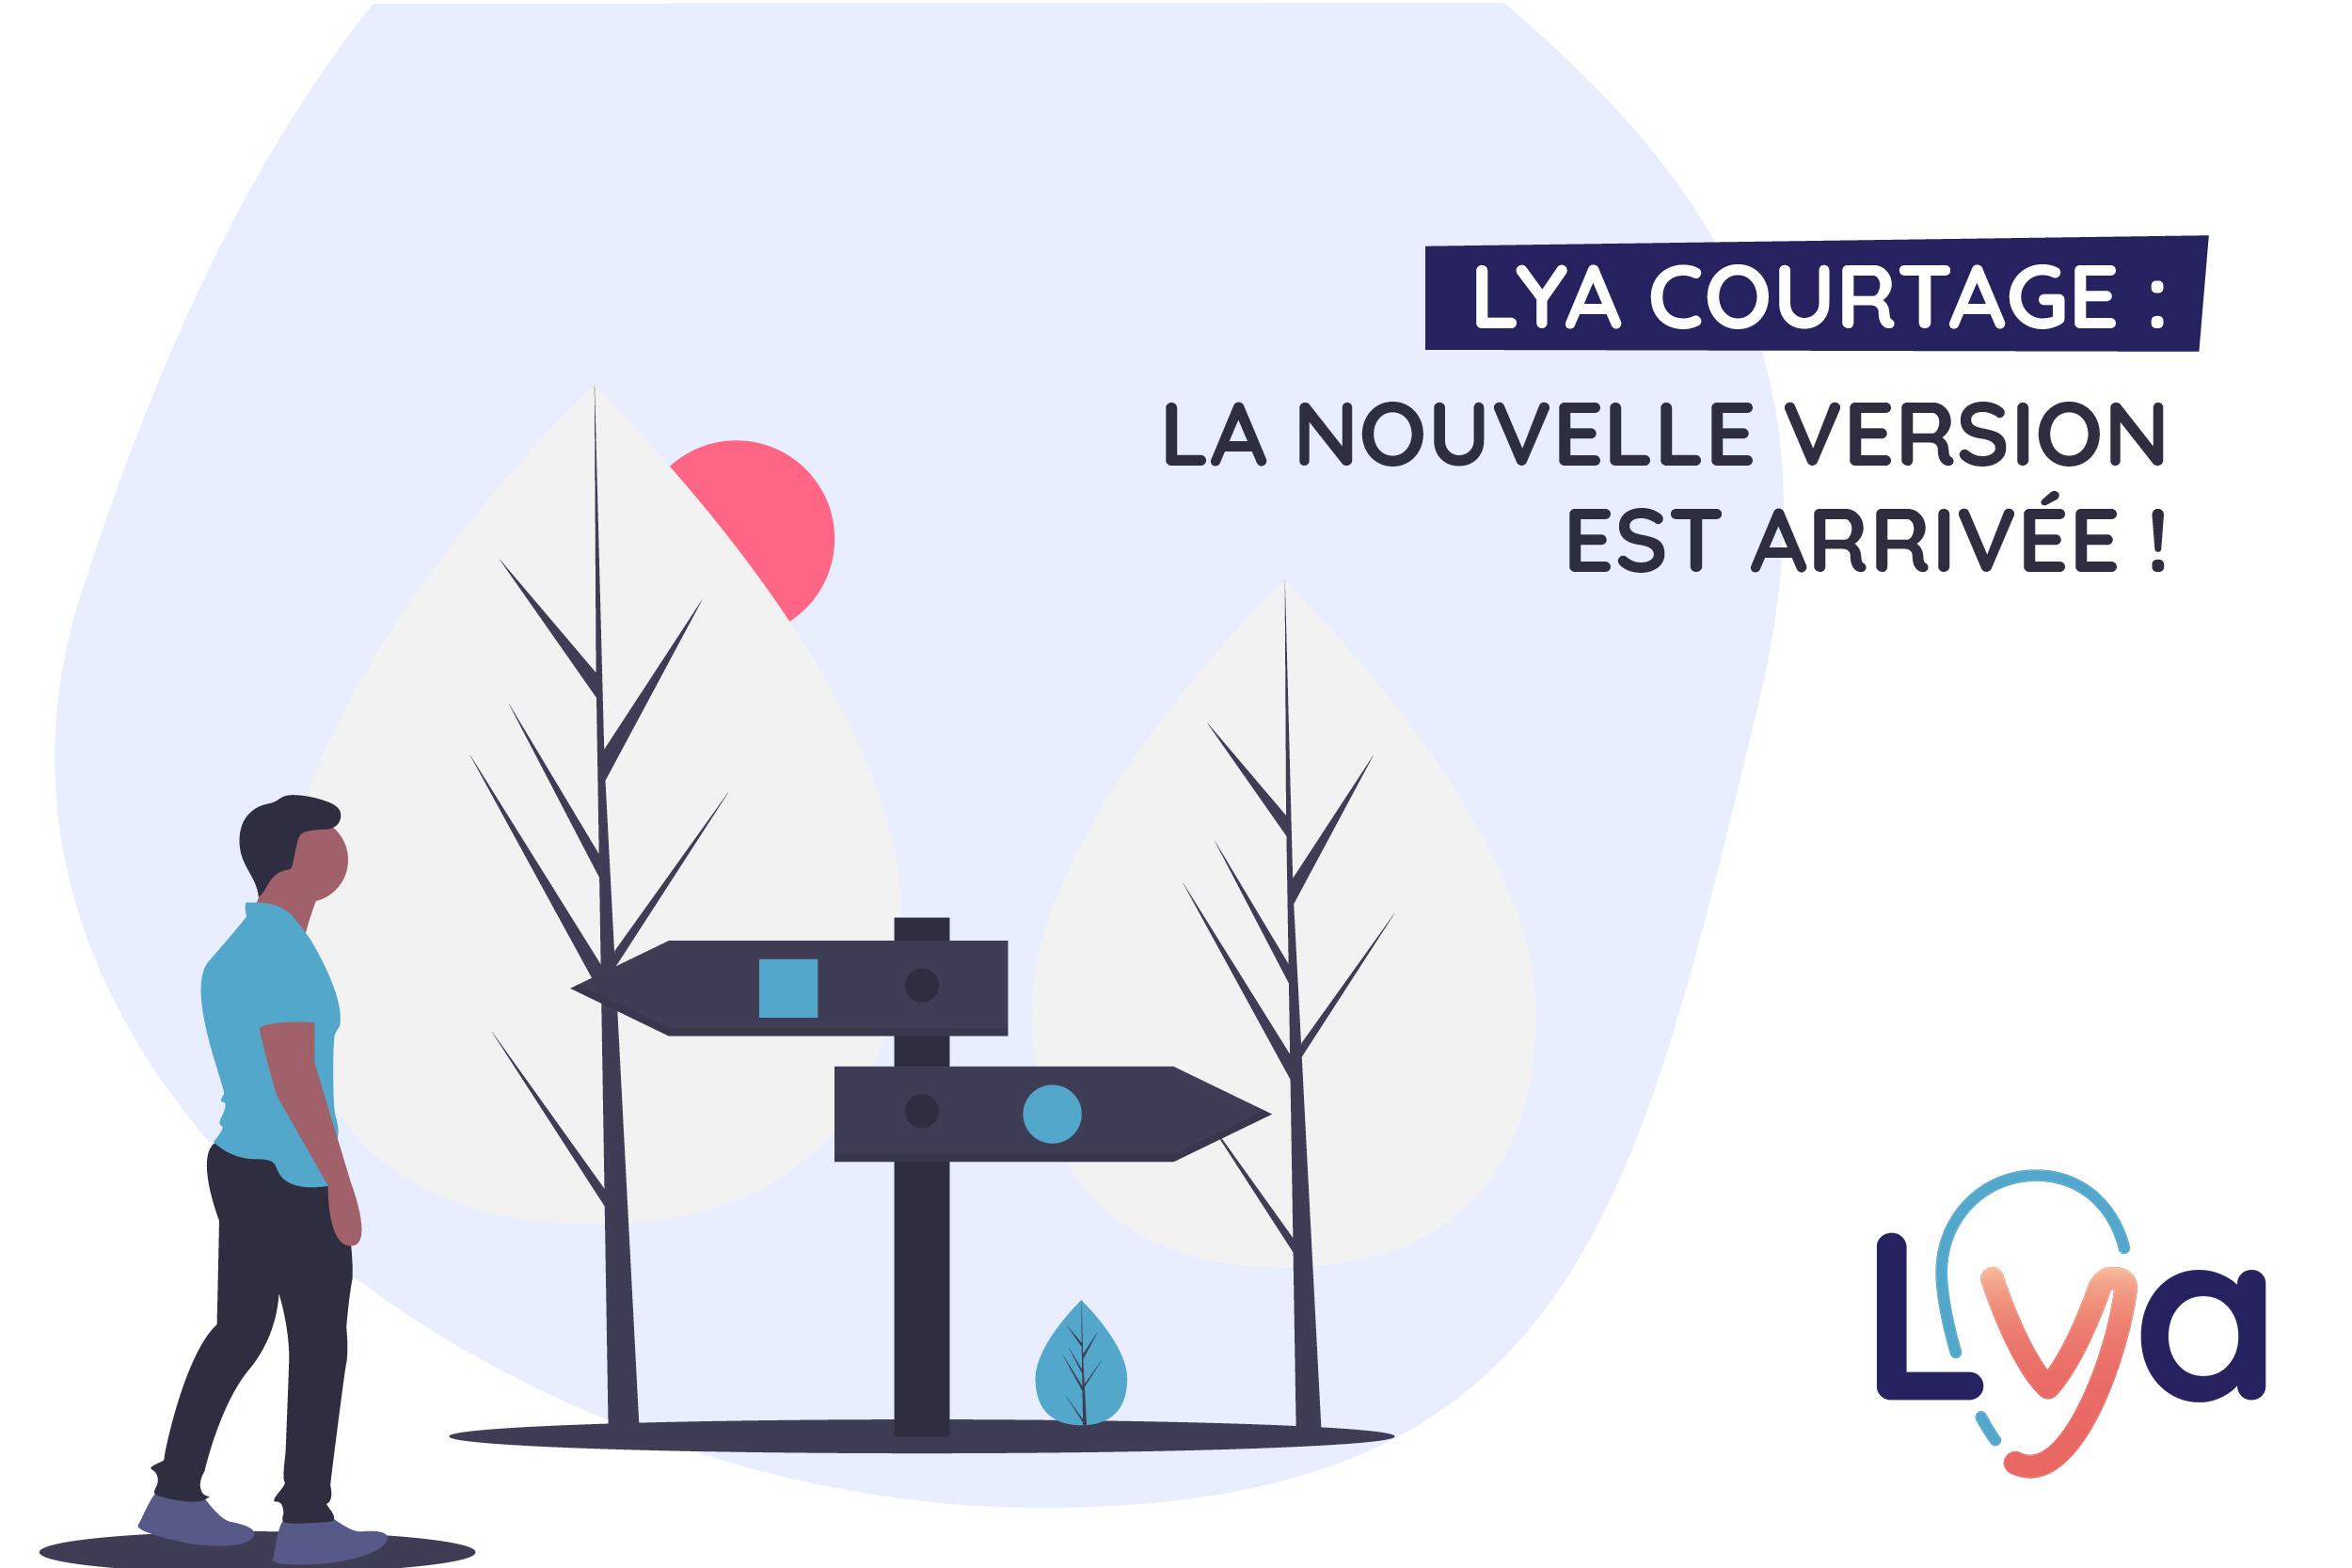 nouvelles fonctionnalités de la plateforme Lya Courtage